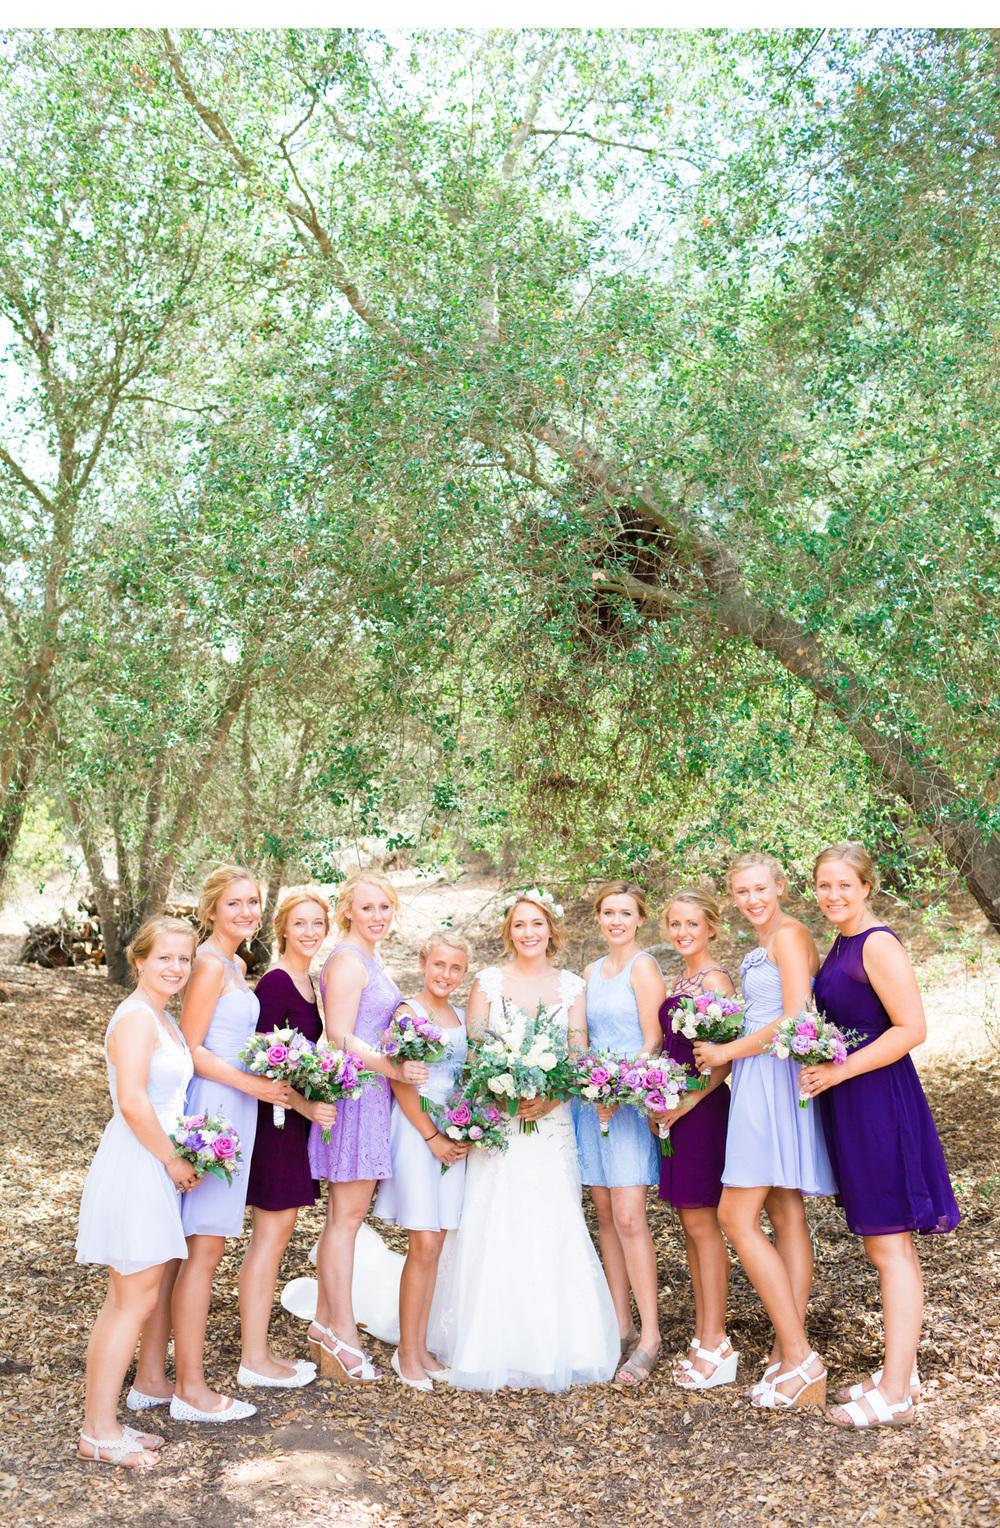 Jessica's-Bridesmaids---Natalie-Schutt-Photography_01.jpg